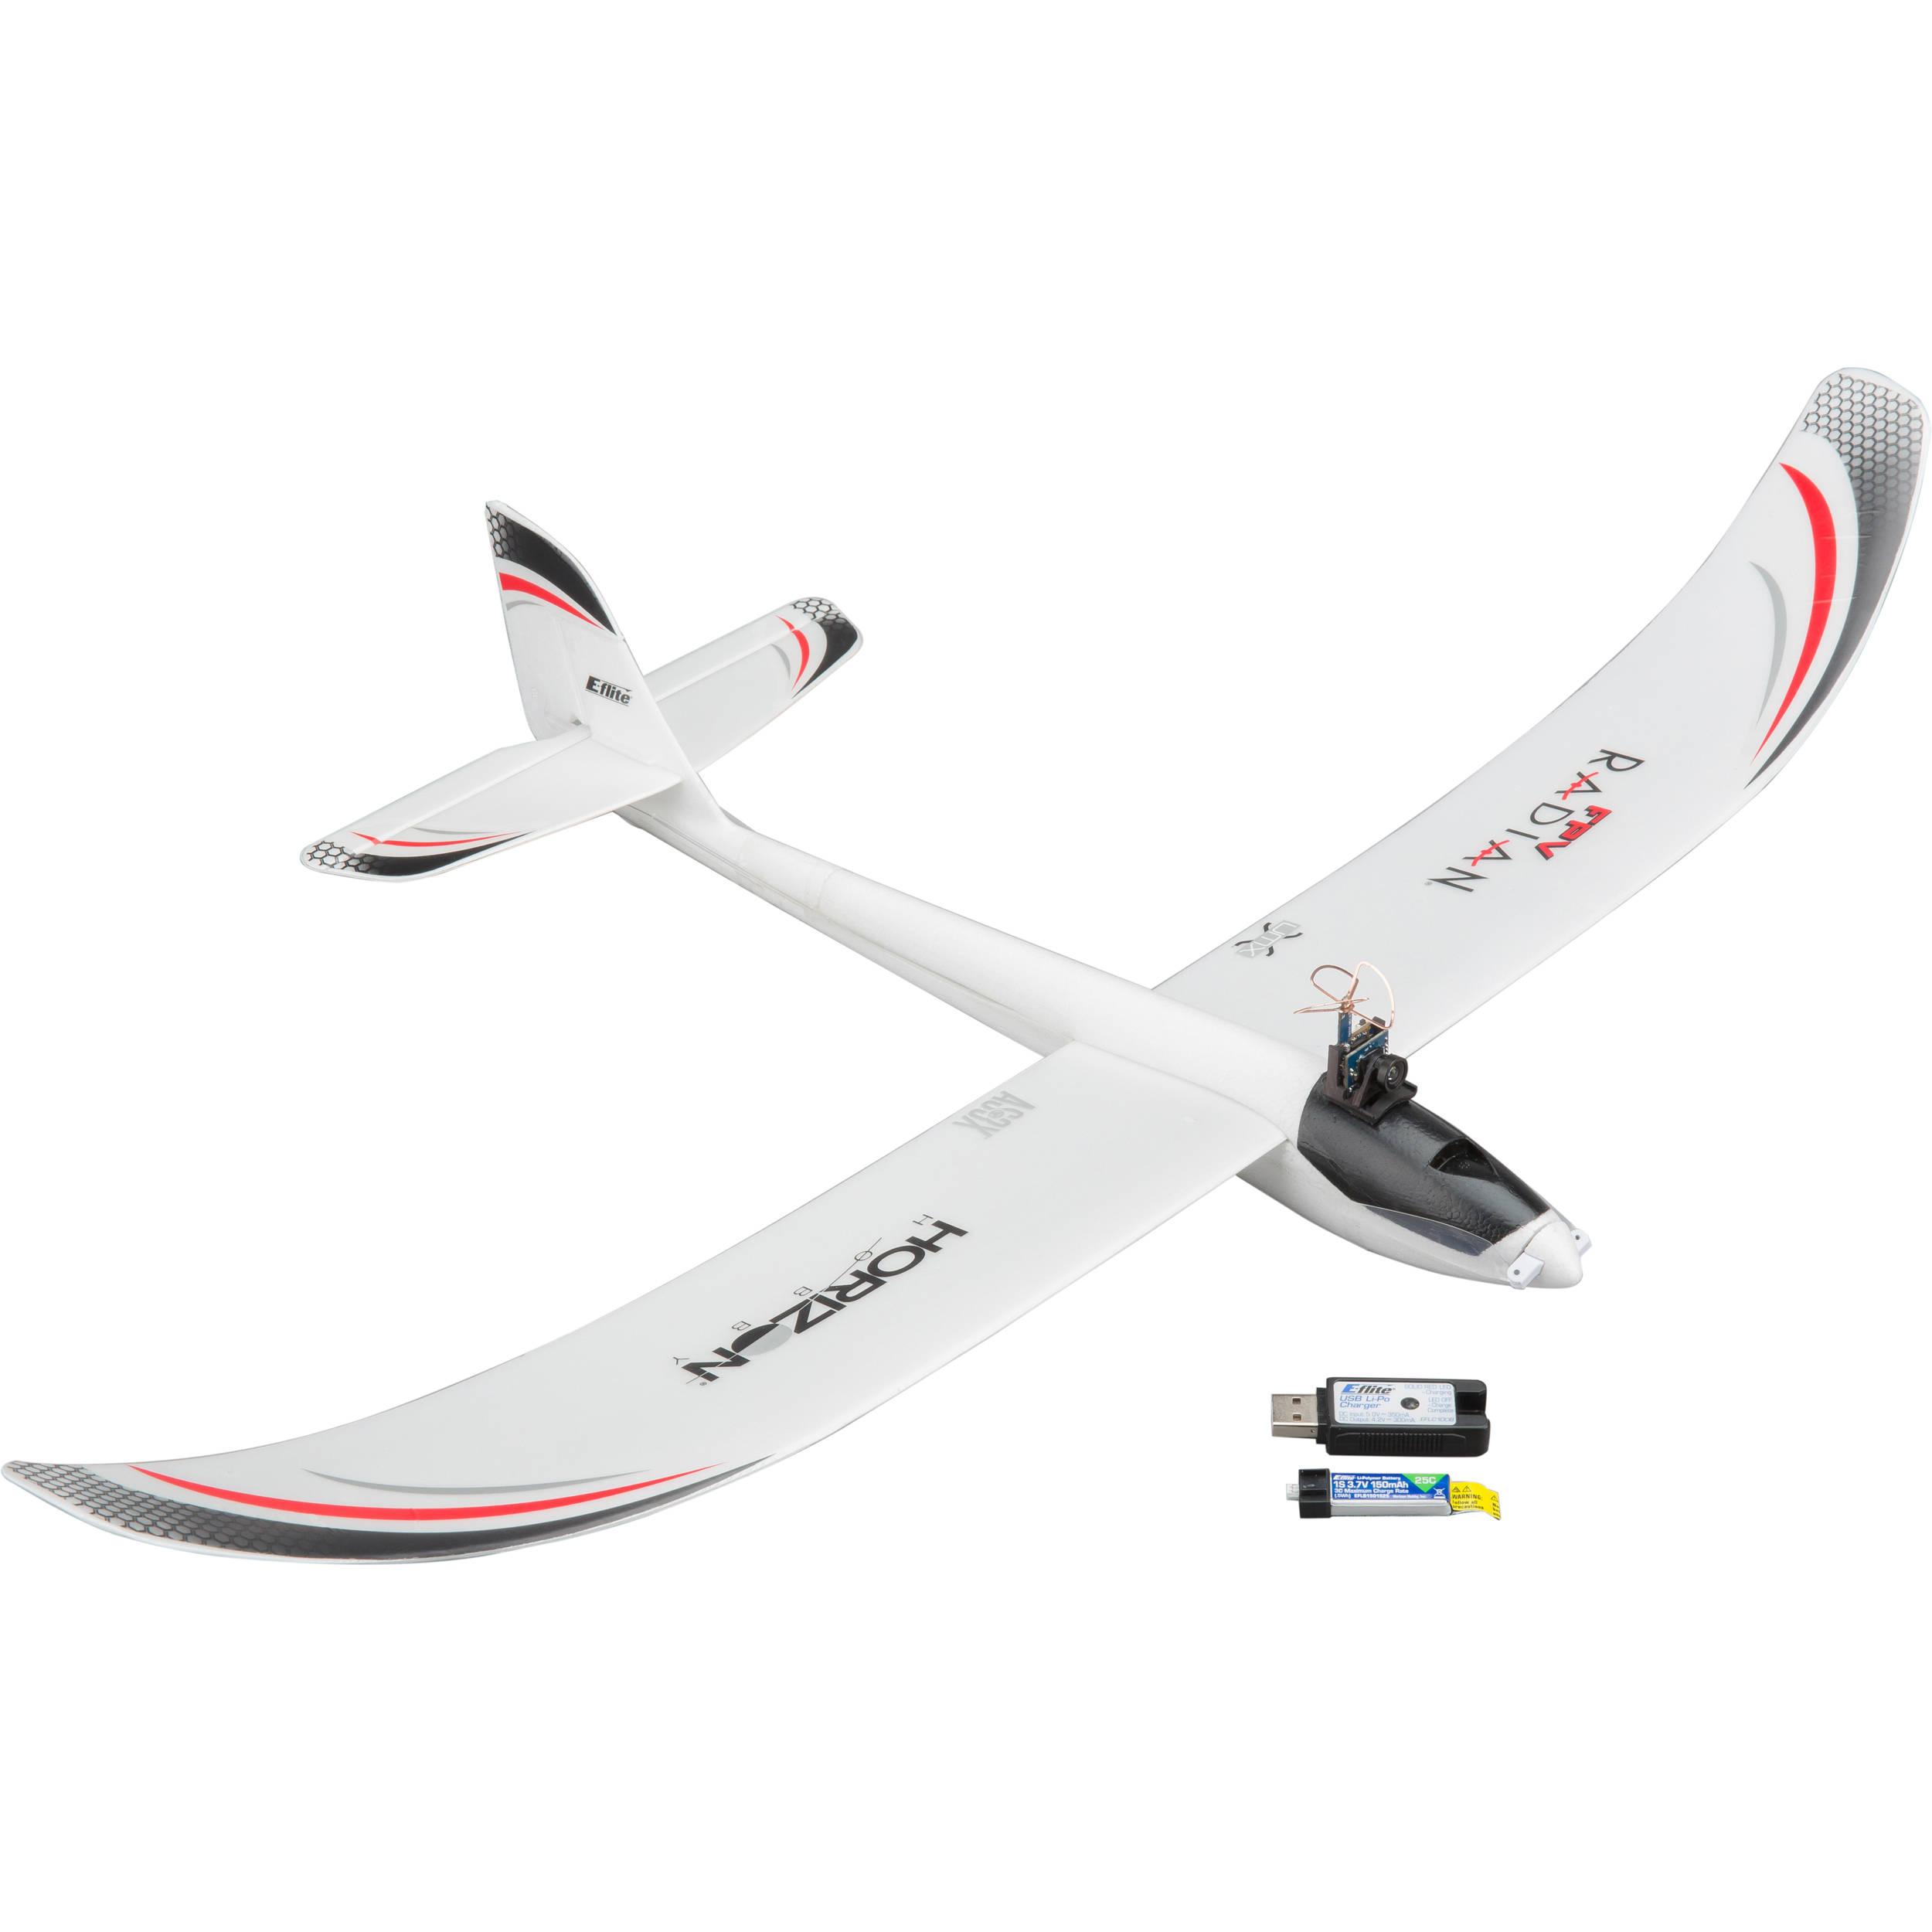 E-flite UMX FPV Radian BNF RC Airplane (No Headset)